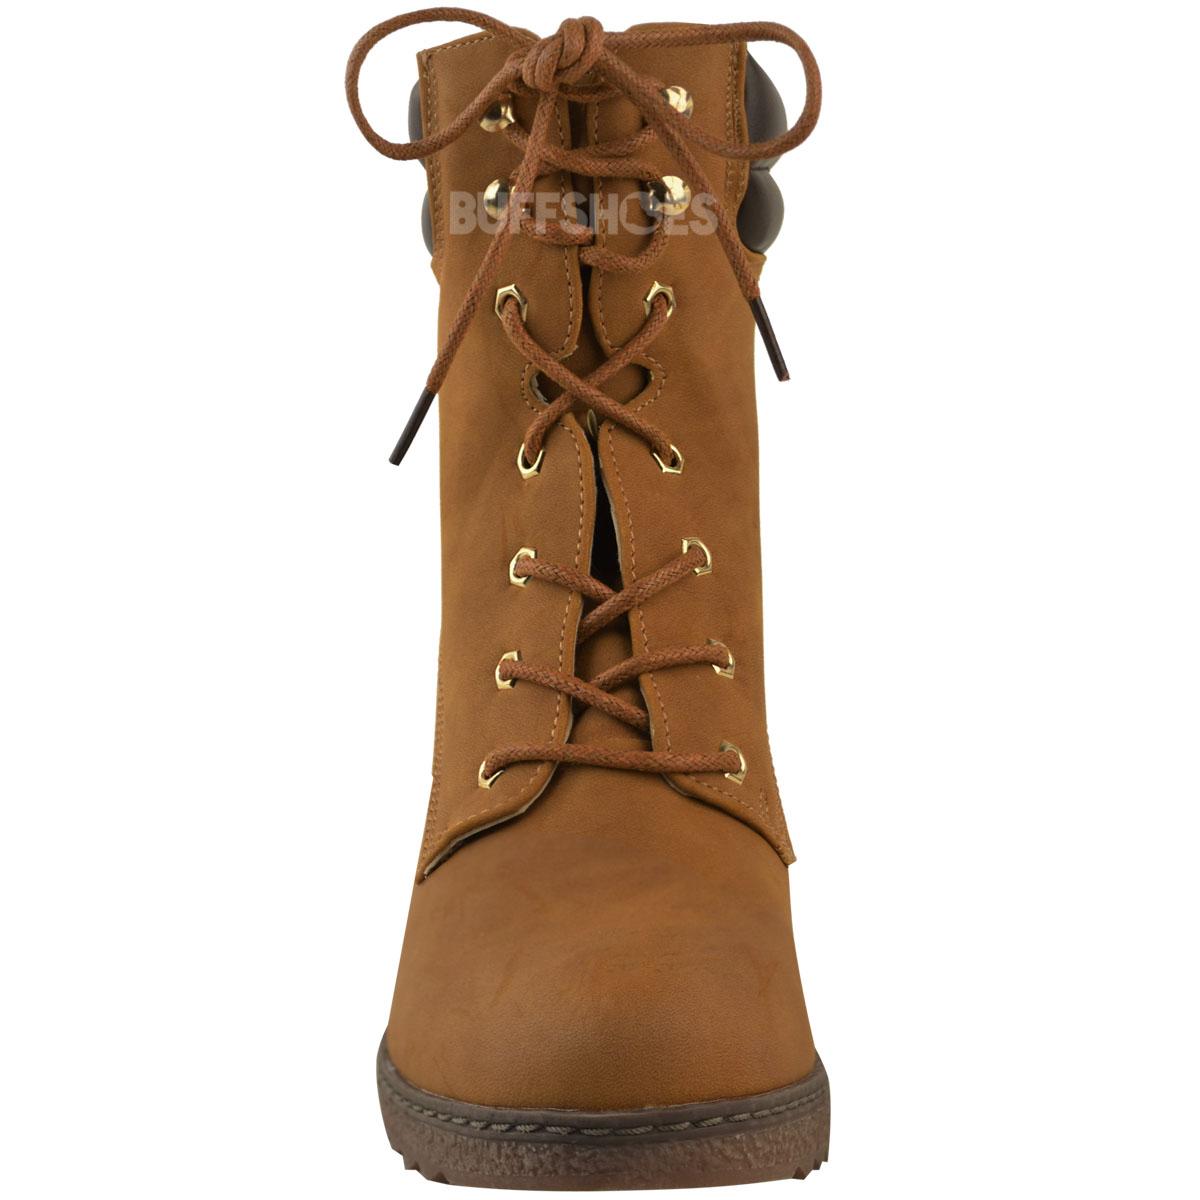 Womens-Ladies-Winter-Walking-Boots-Fleece-Warm-Lining-Cosy-Low-Block-Heel-Size Indexbild 11